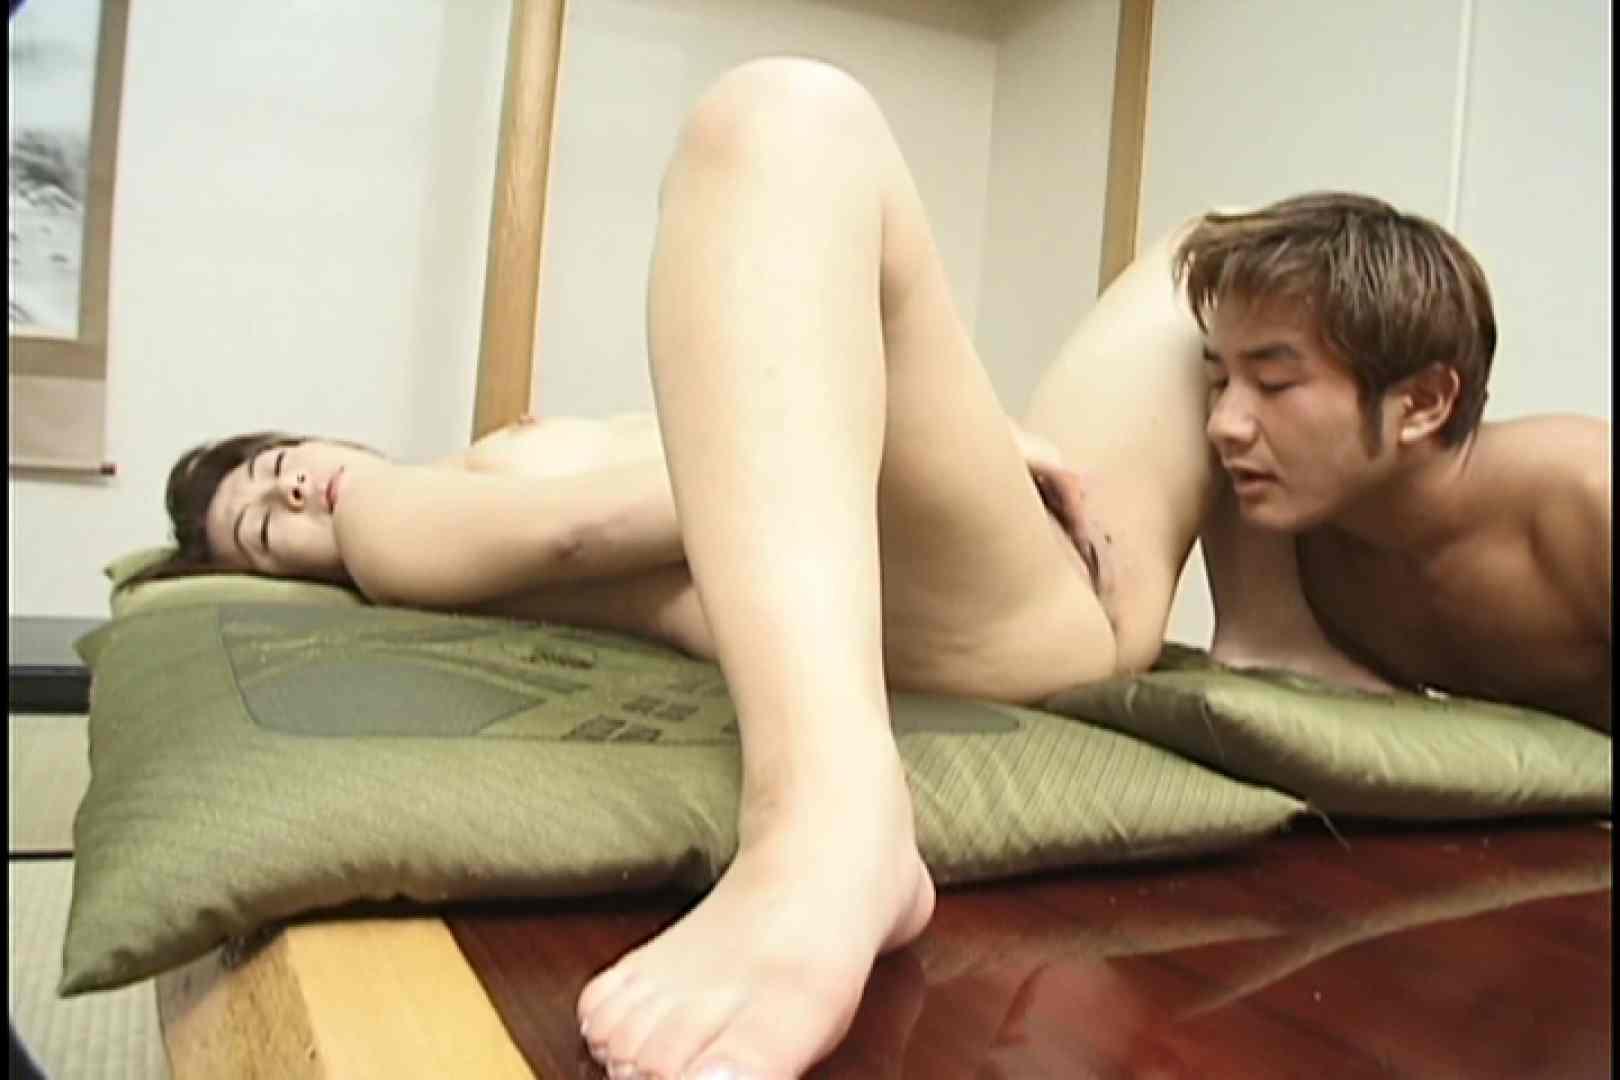 超淫乱な三十路ど真ん中の奥様、腰をくねらせイキまくる~山本和美~ おっぱい 隠し撮りオマンコ動画紹介 83PIX 72